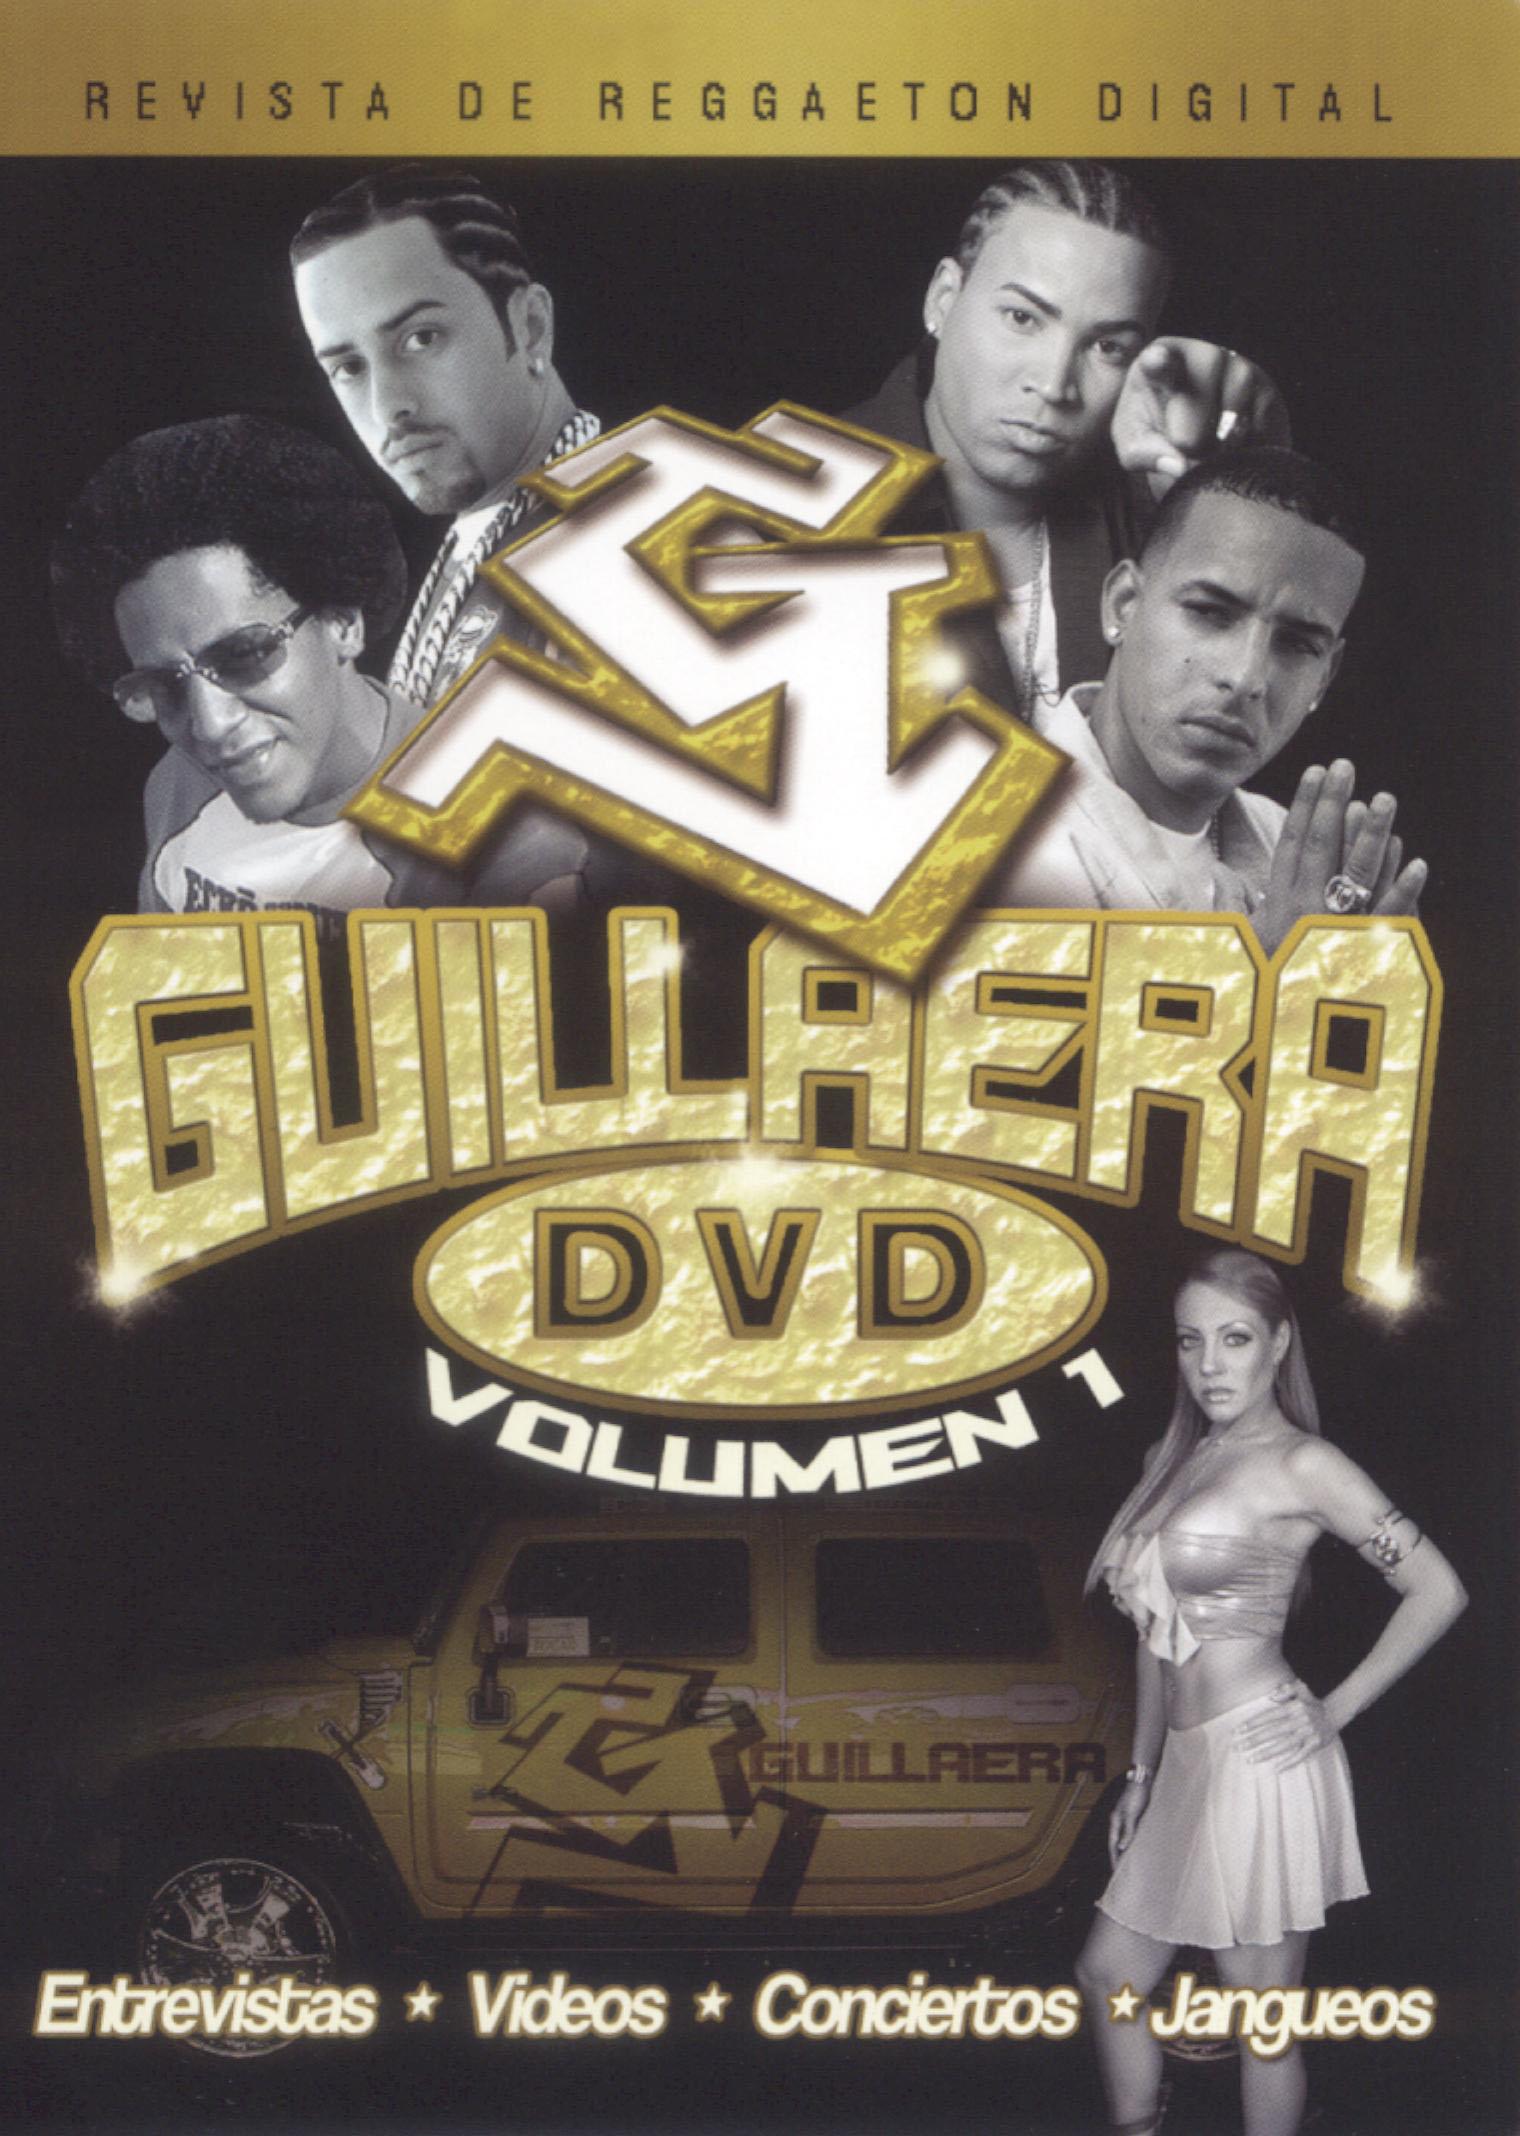 Guillaera Magazine, Vol. 1